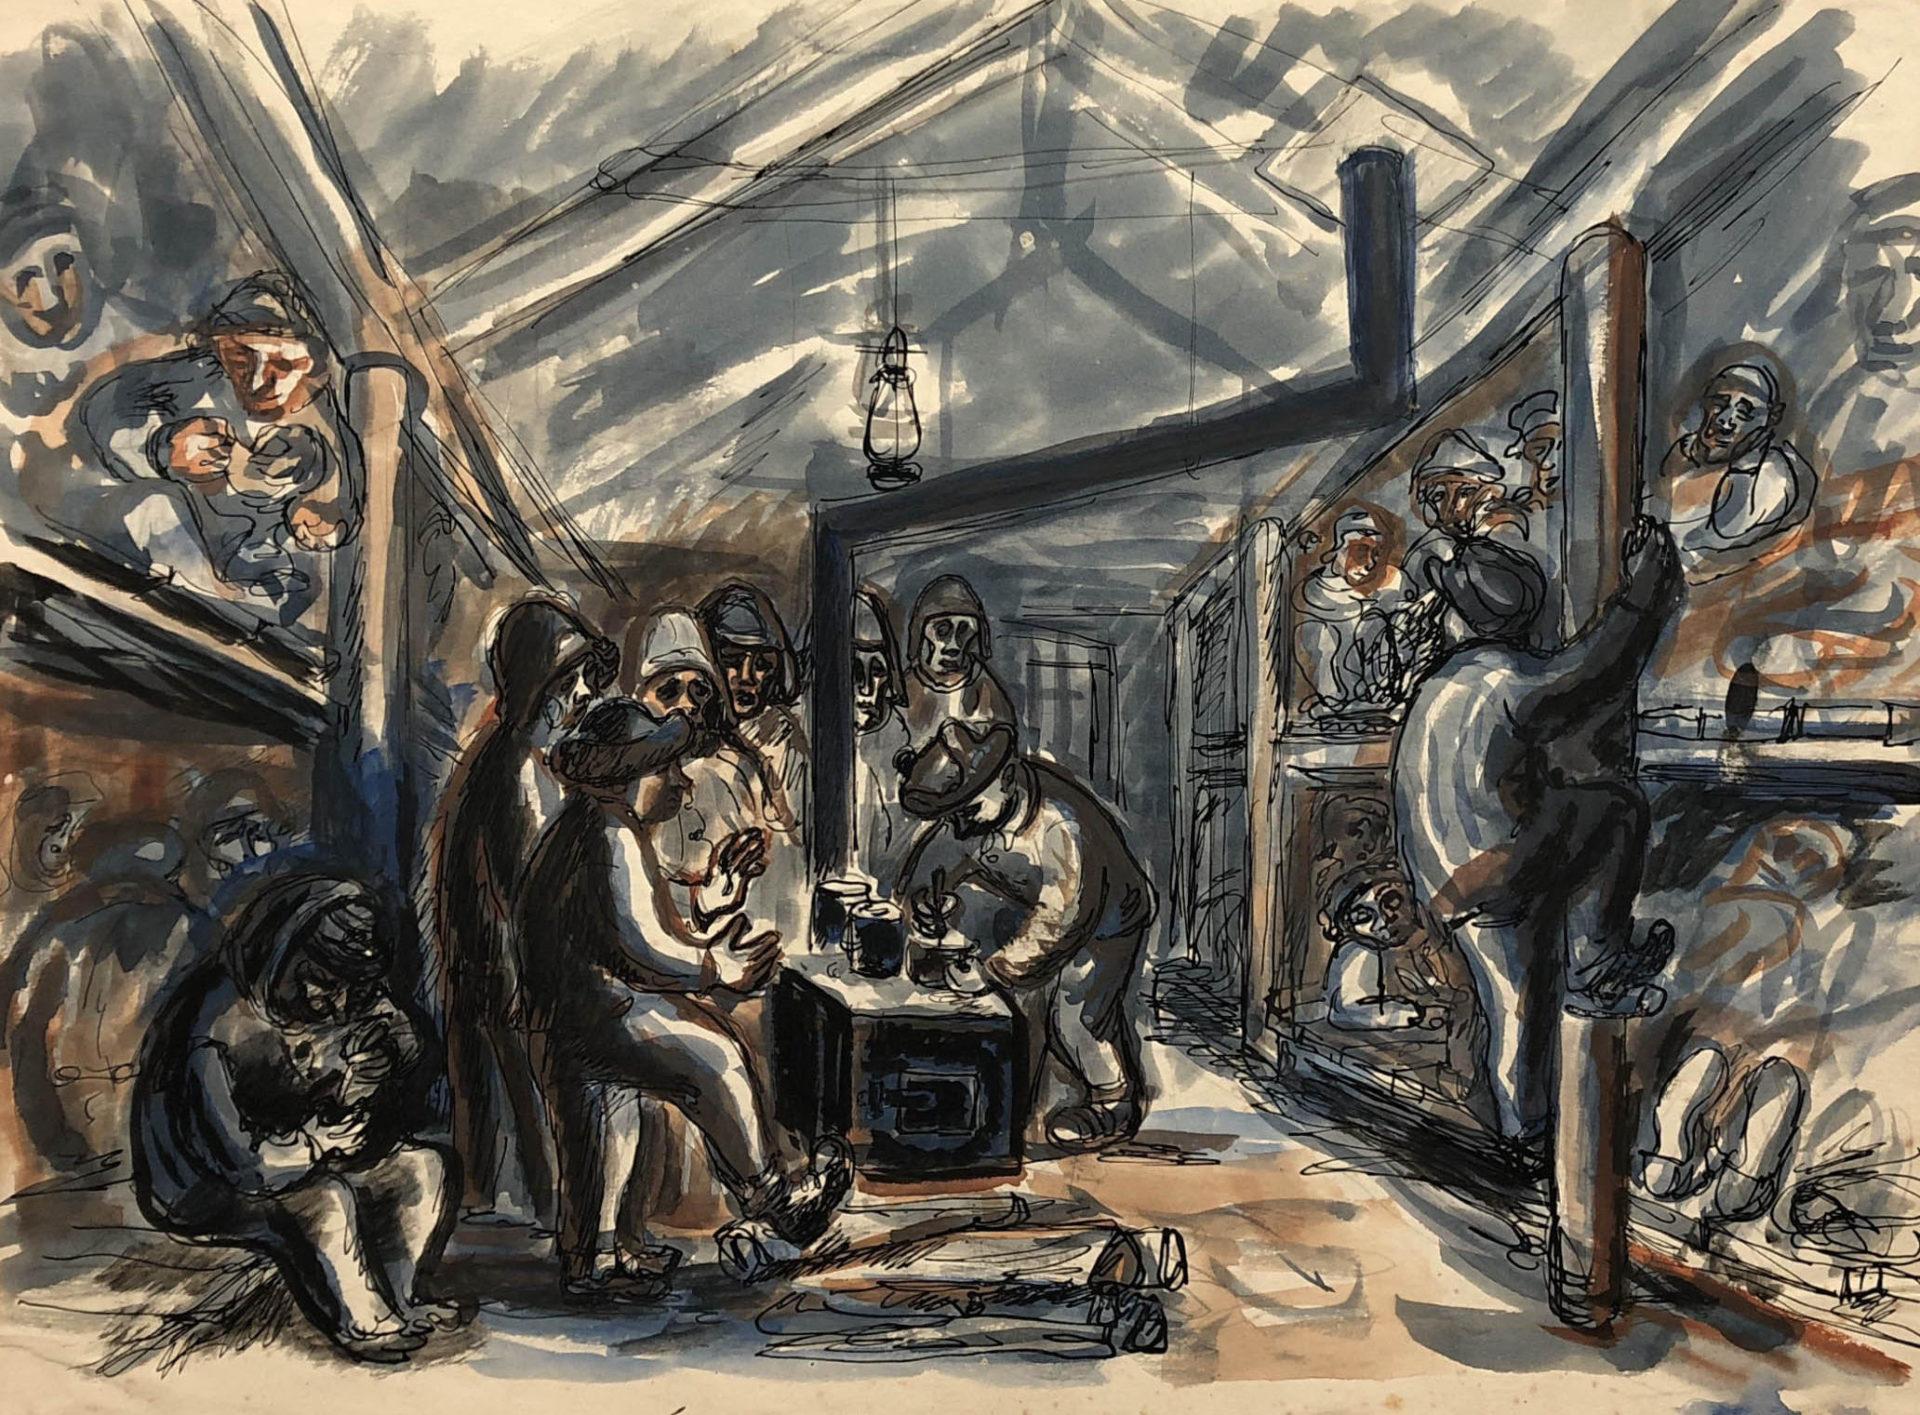 Praca przedstawiająca więźniów w baraku w łagrze w Kożwie. Więźniowie leżą na pryczach oraz ogrzewają się przy piecu. Adam Kossowski, rys. piórkiem, akwarela, praca stworzona w Londynie w 1943 roku.